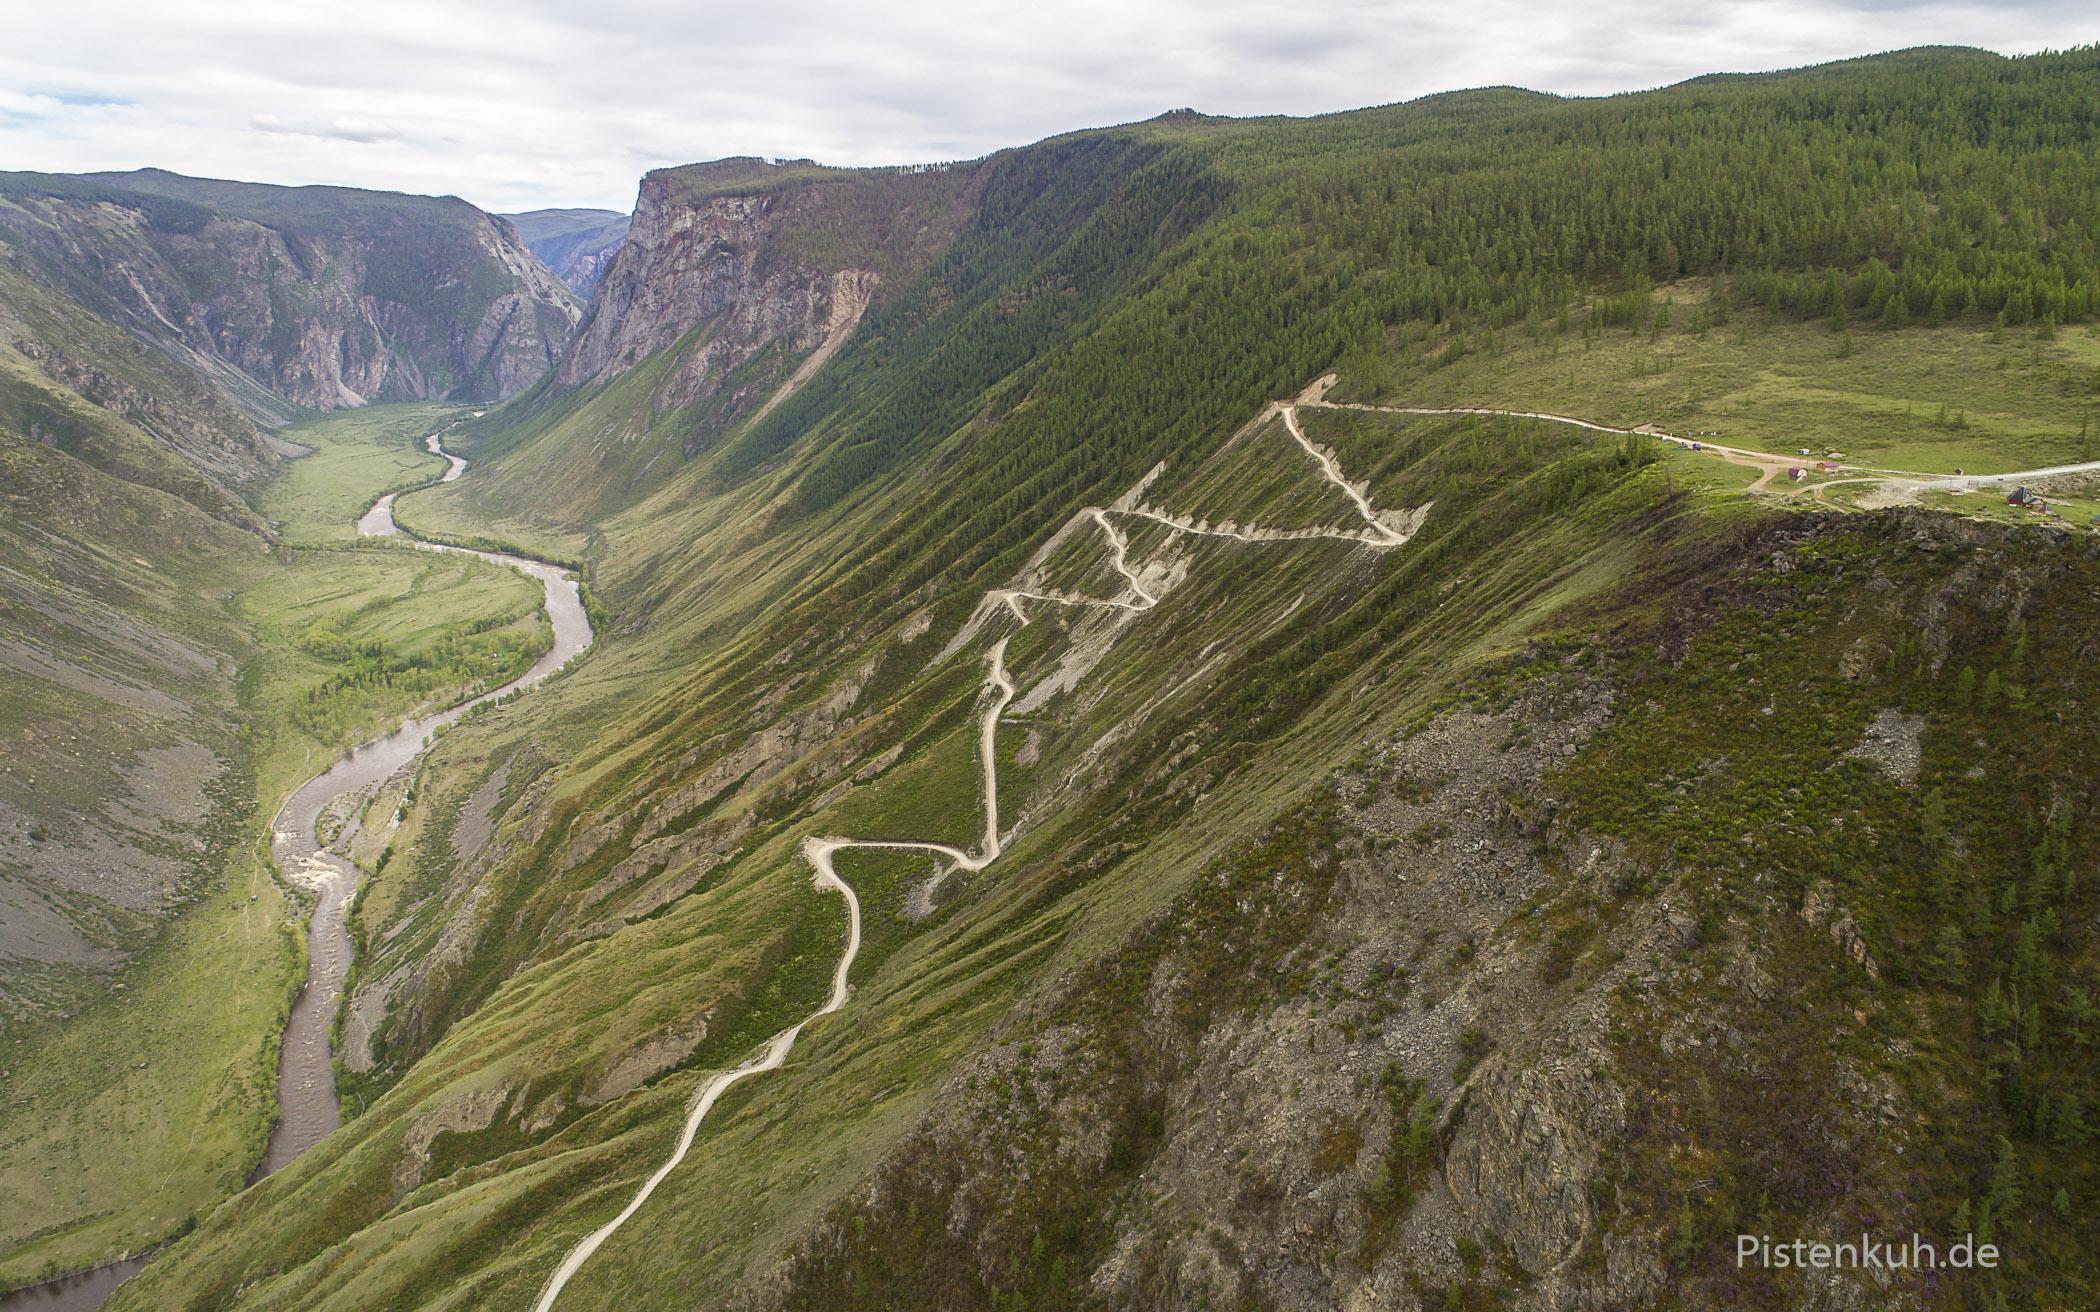 Blick auf die Serpentinen des Katy Yaryk Pass.